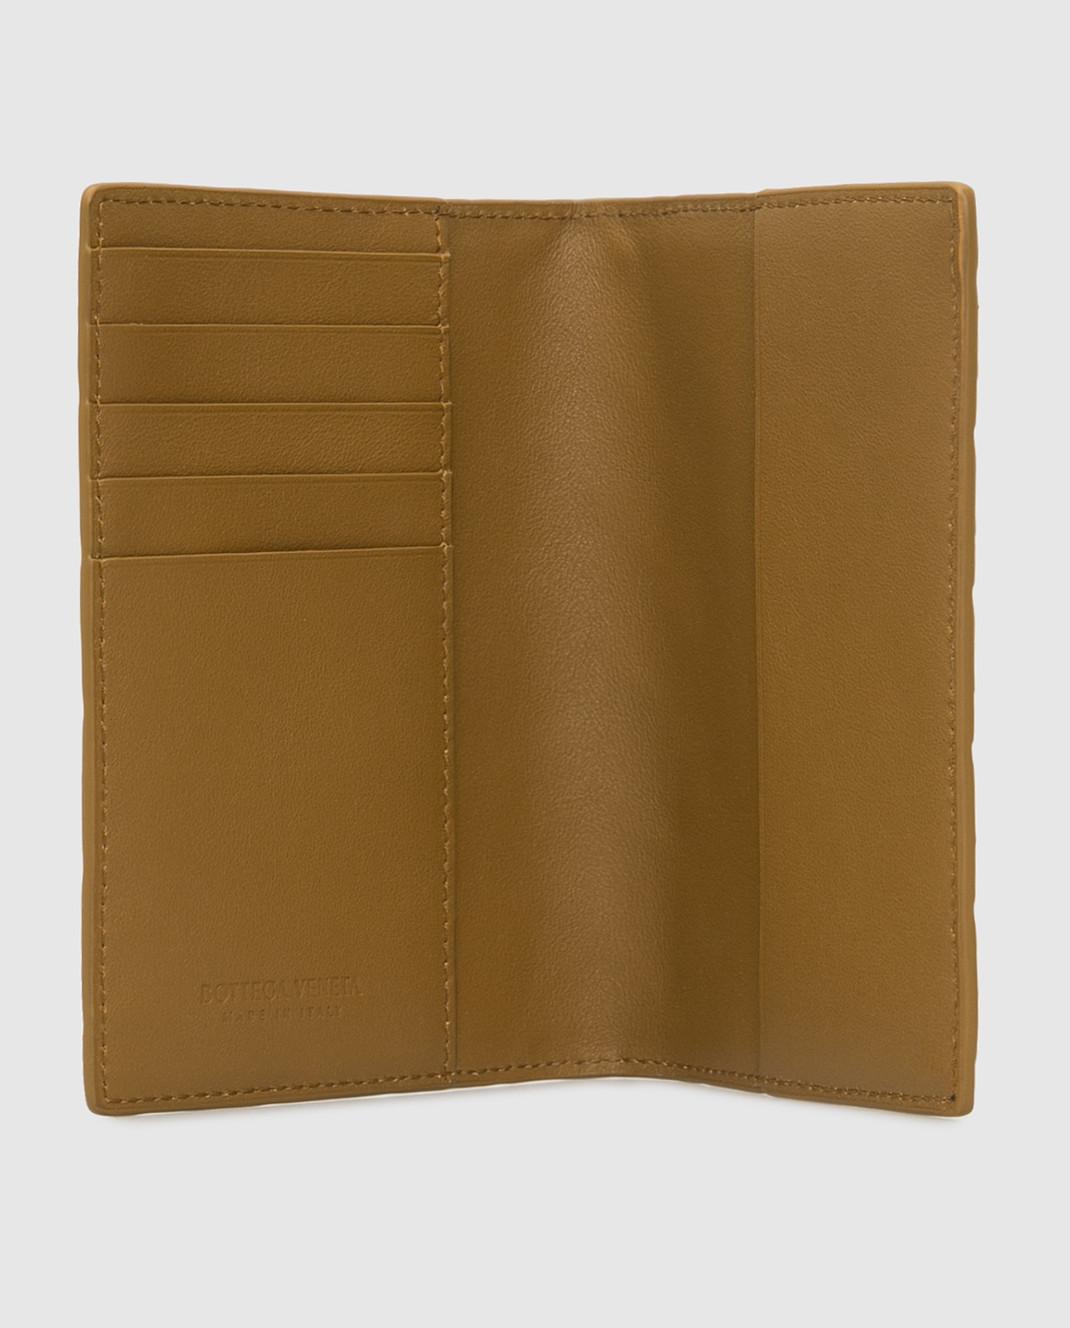 Bottega Veneta Горчичная кожаная обложка для паспорта изображение 3